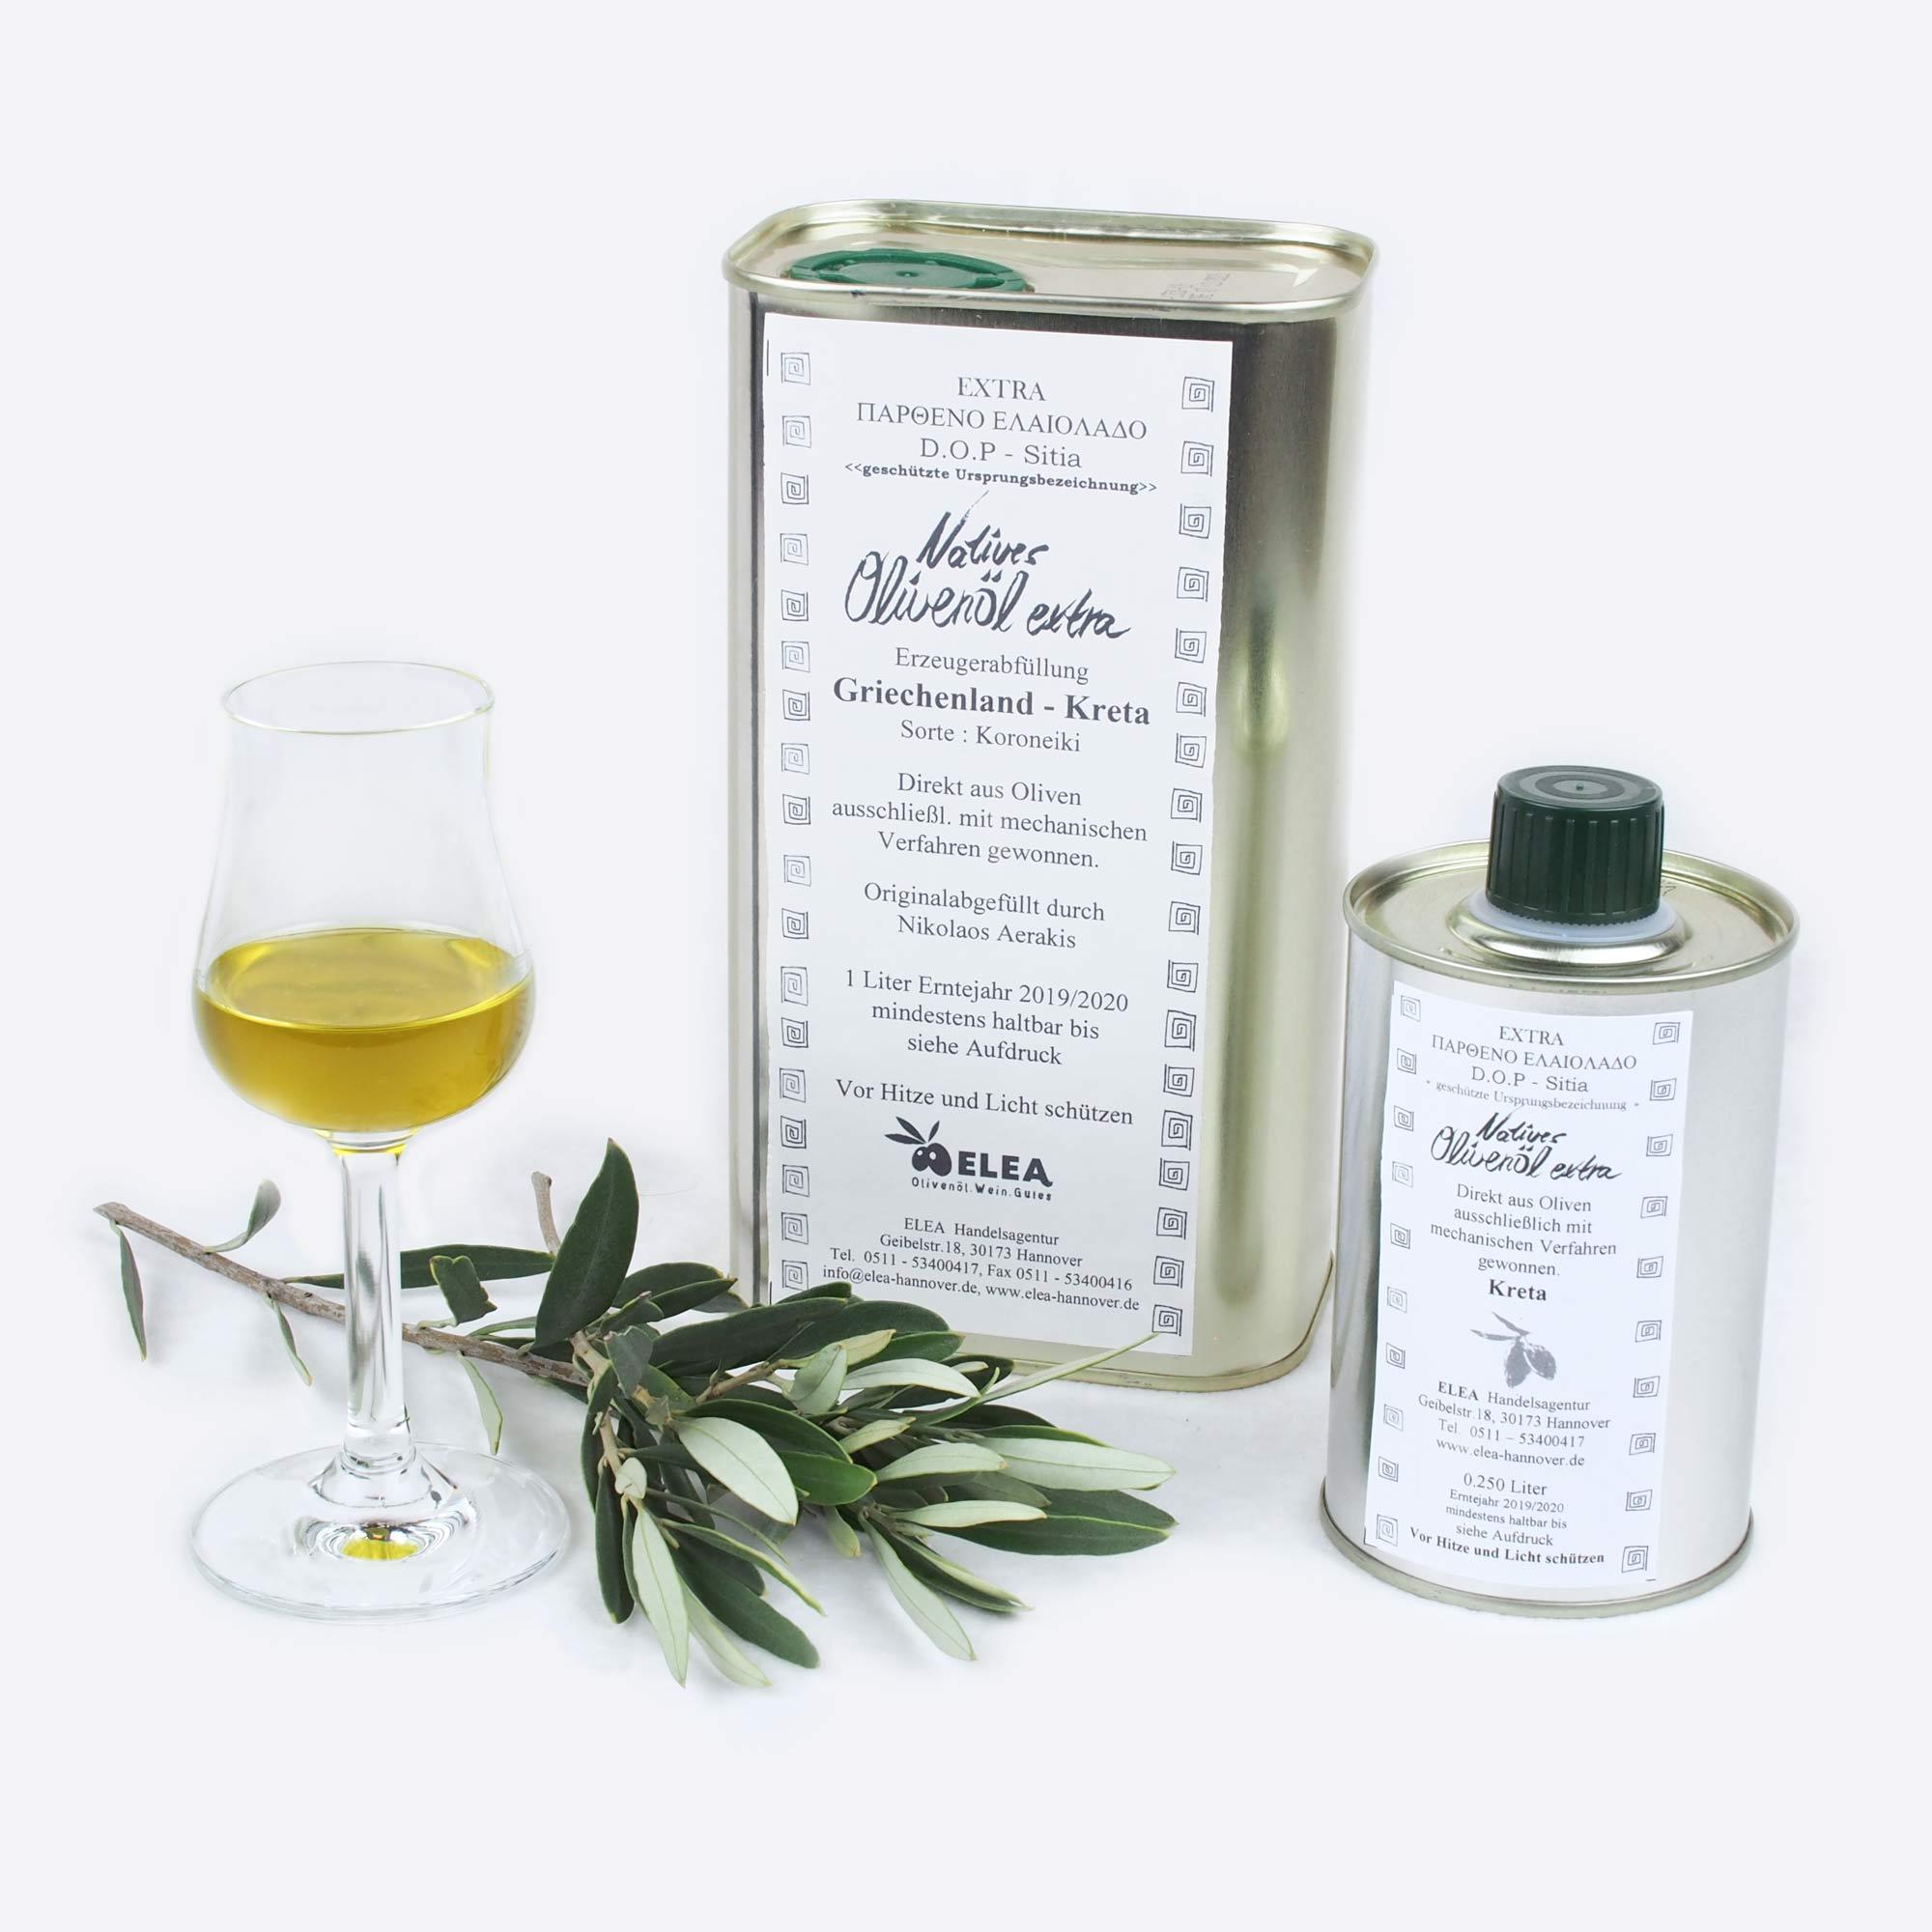 wilstedt olivenöl 2020